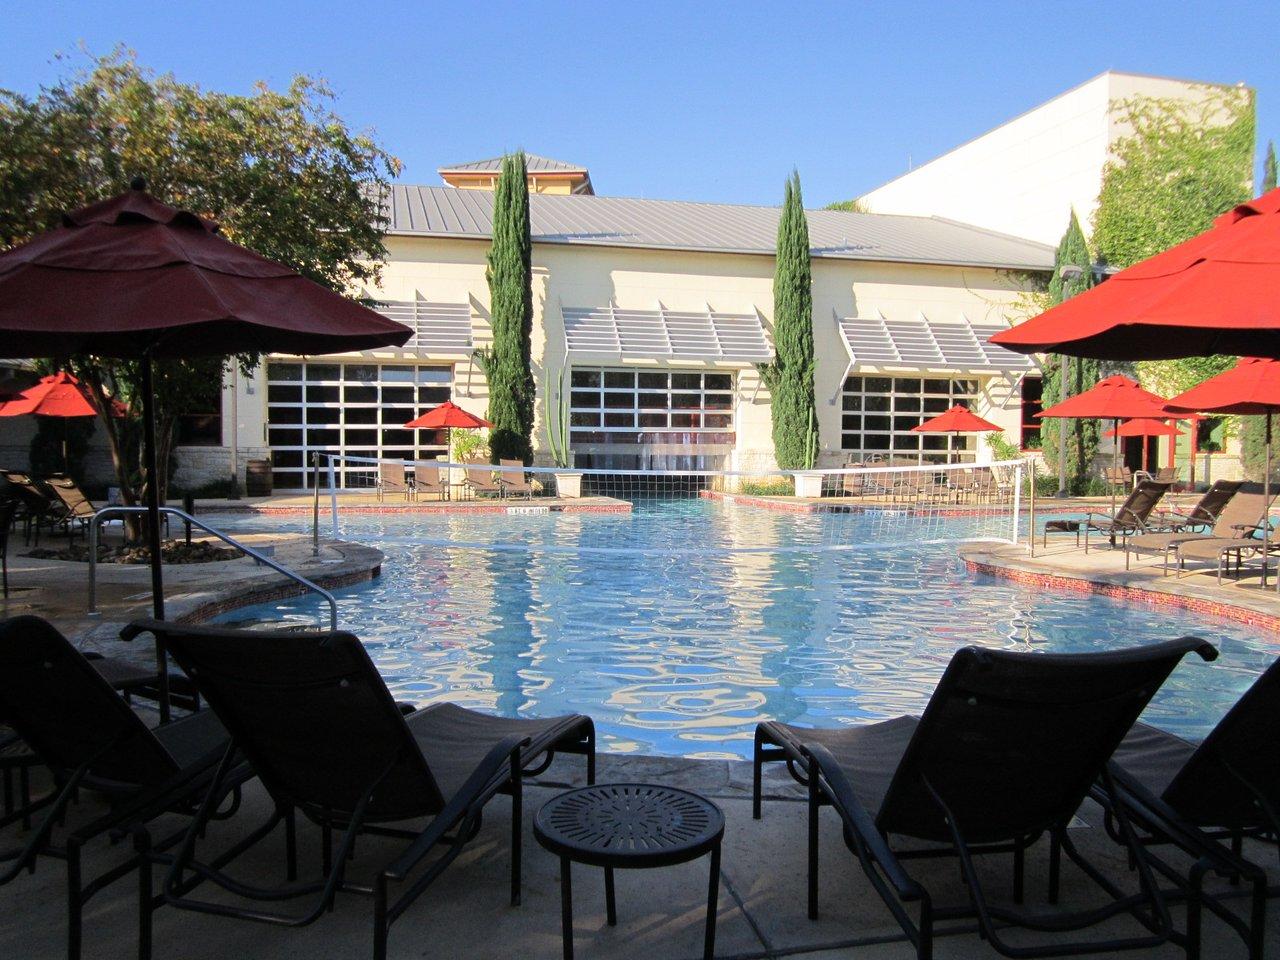 Hyatt Wild Oak Ranch Pool Area